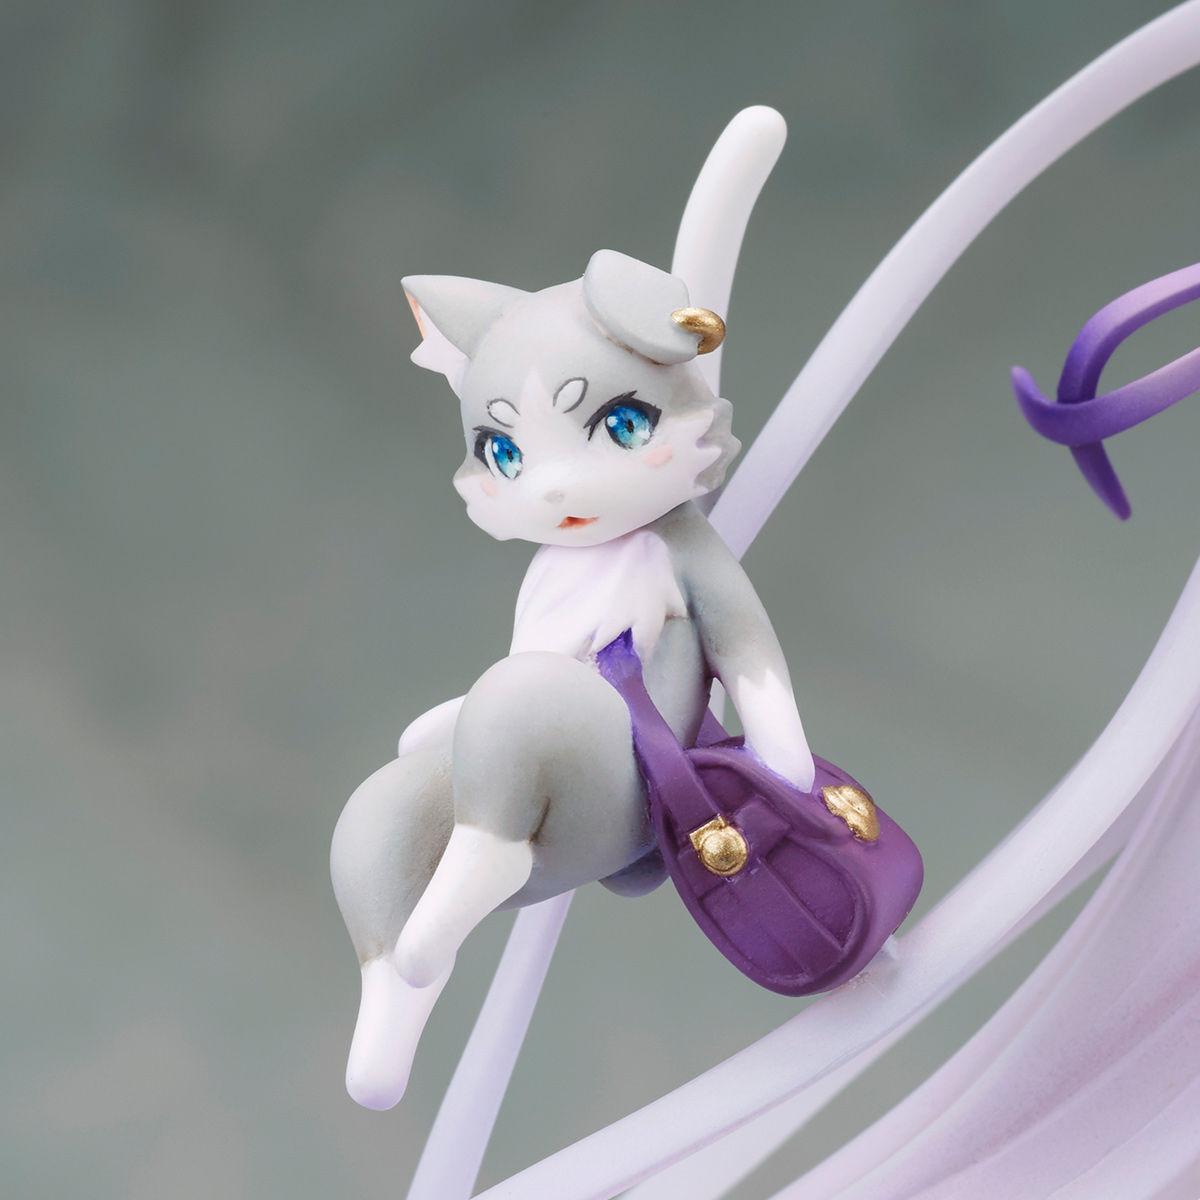 Re:ゼロから始める異世界生活『エミリア』完成品フィギュア-010